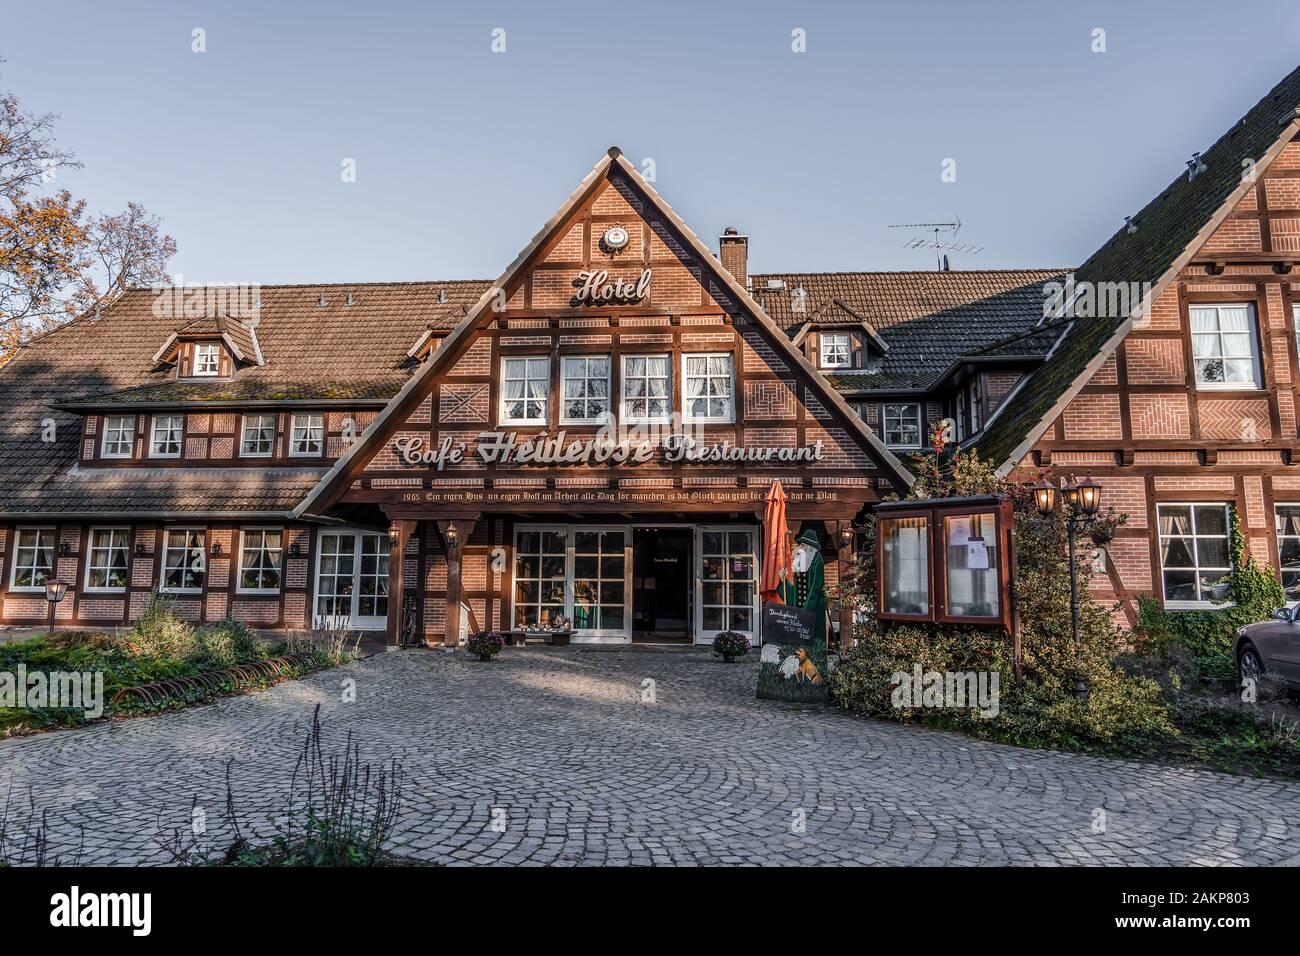 Luneberg, Allemagne - 10 Nov 2019: allemand typique restaurant à Heide woodland Banque D'Images